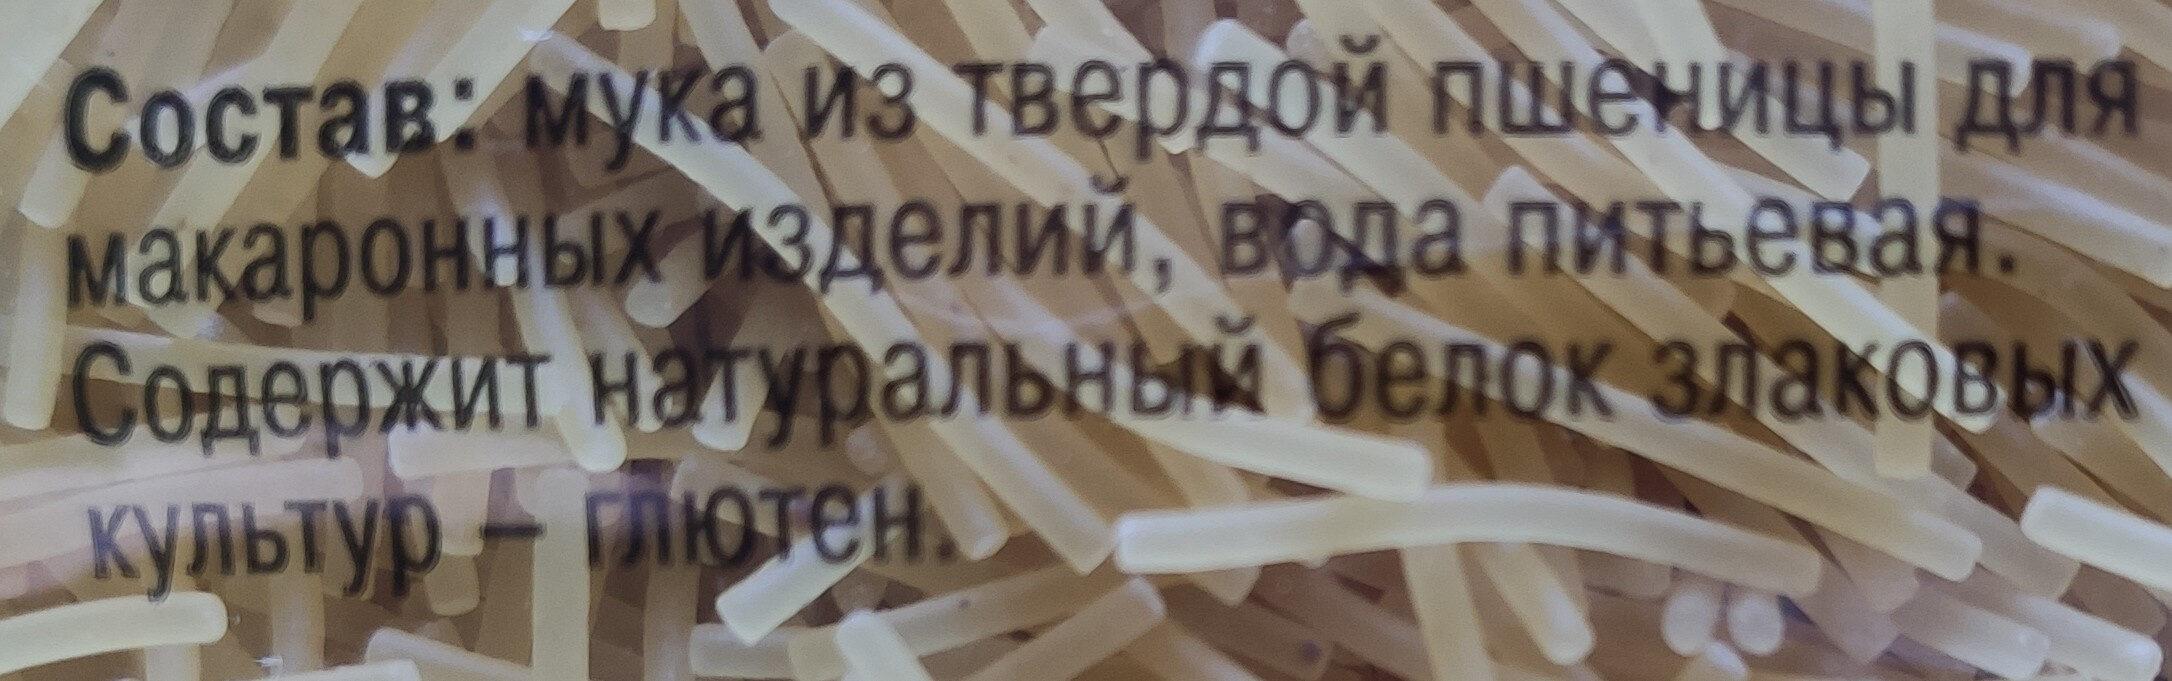 Вермишель лёгкая - Ingredients - ru